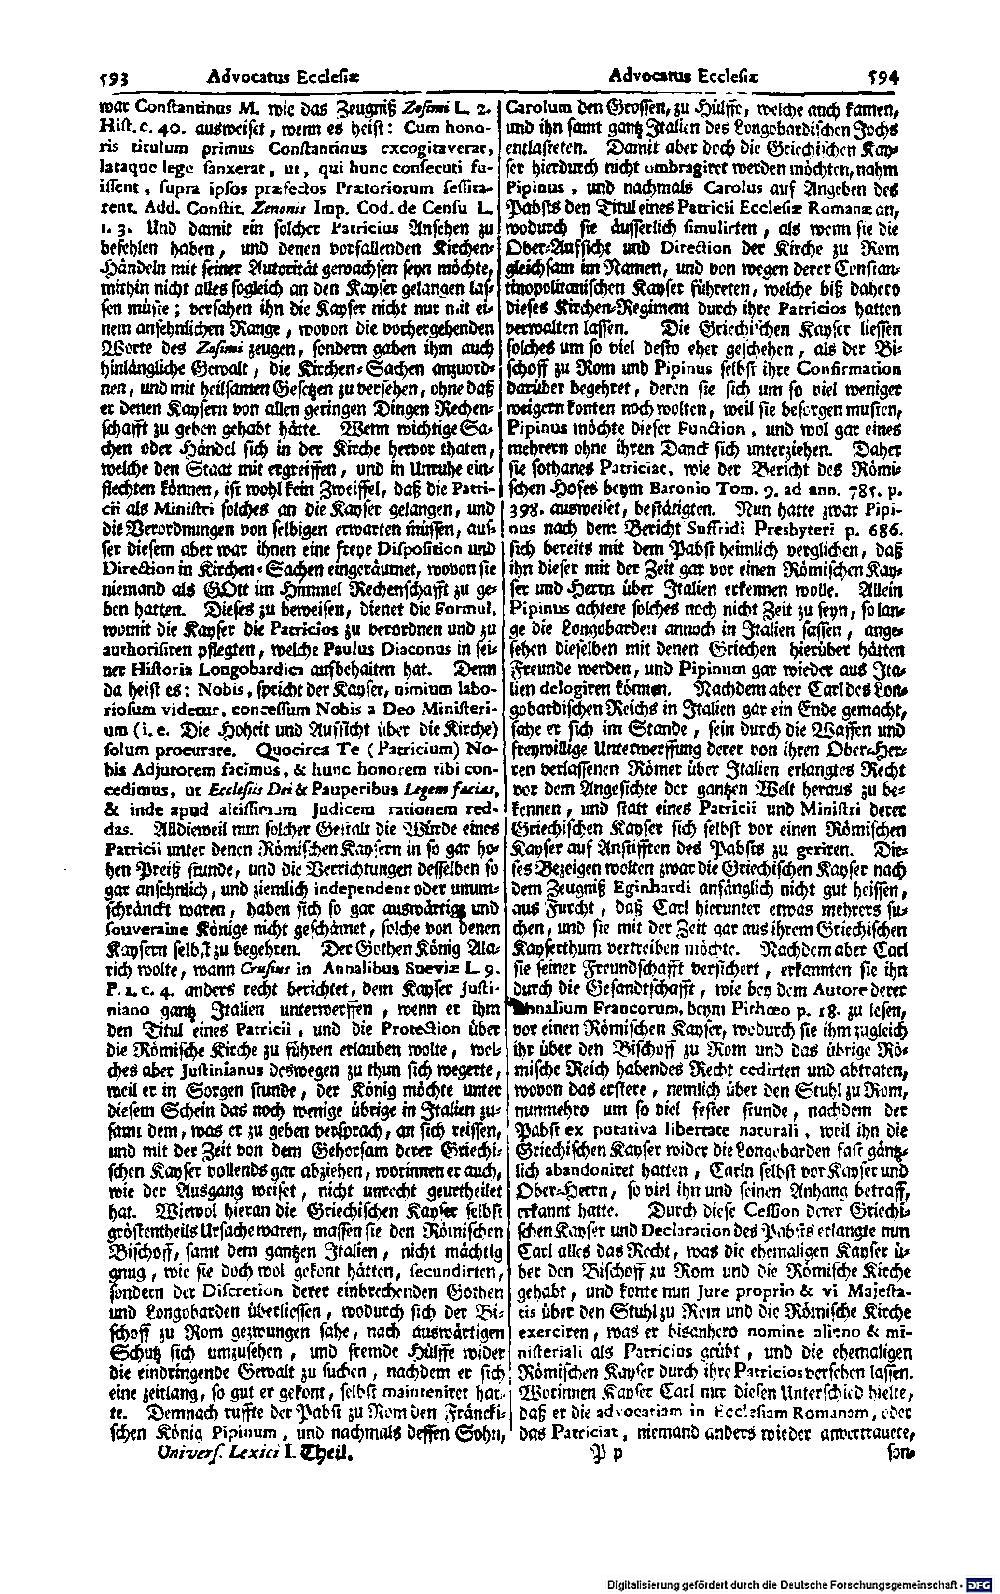 Bd. 01, Seite 0336.